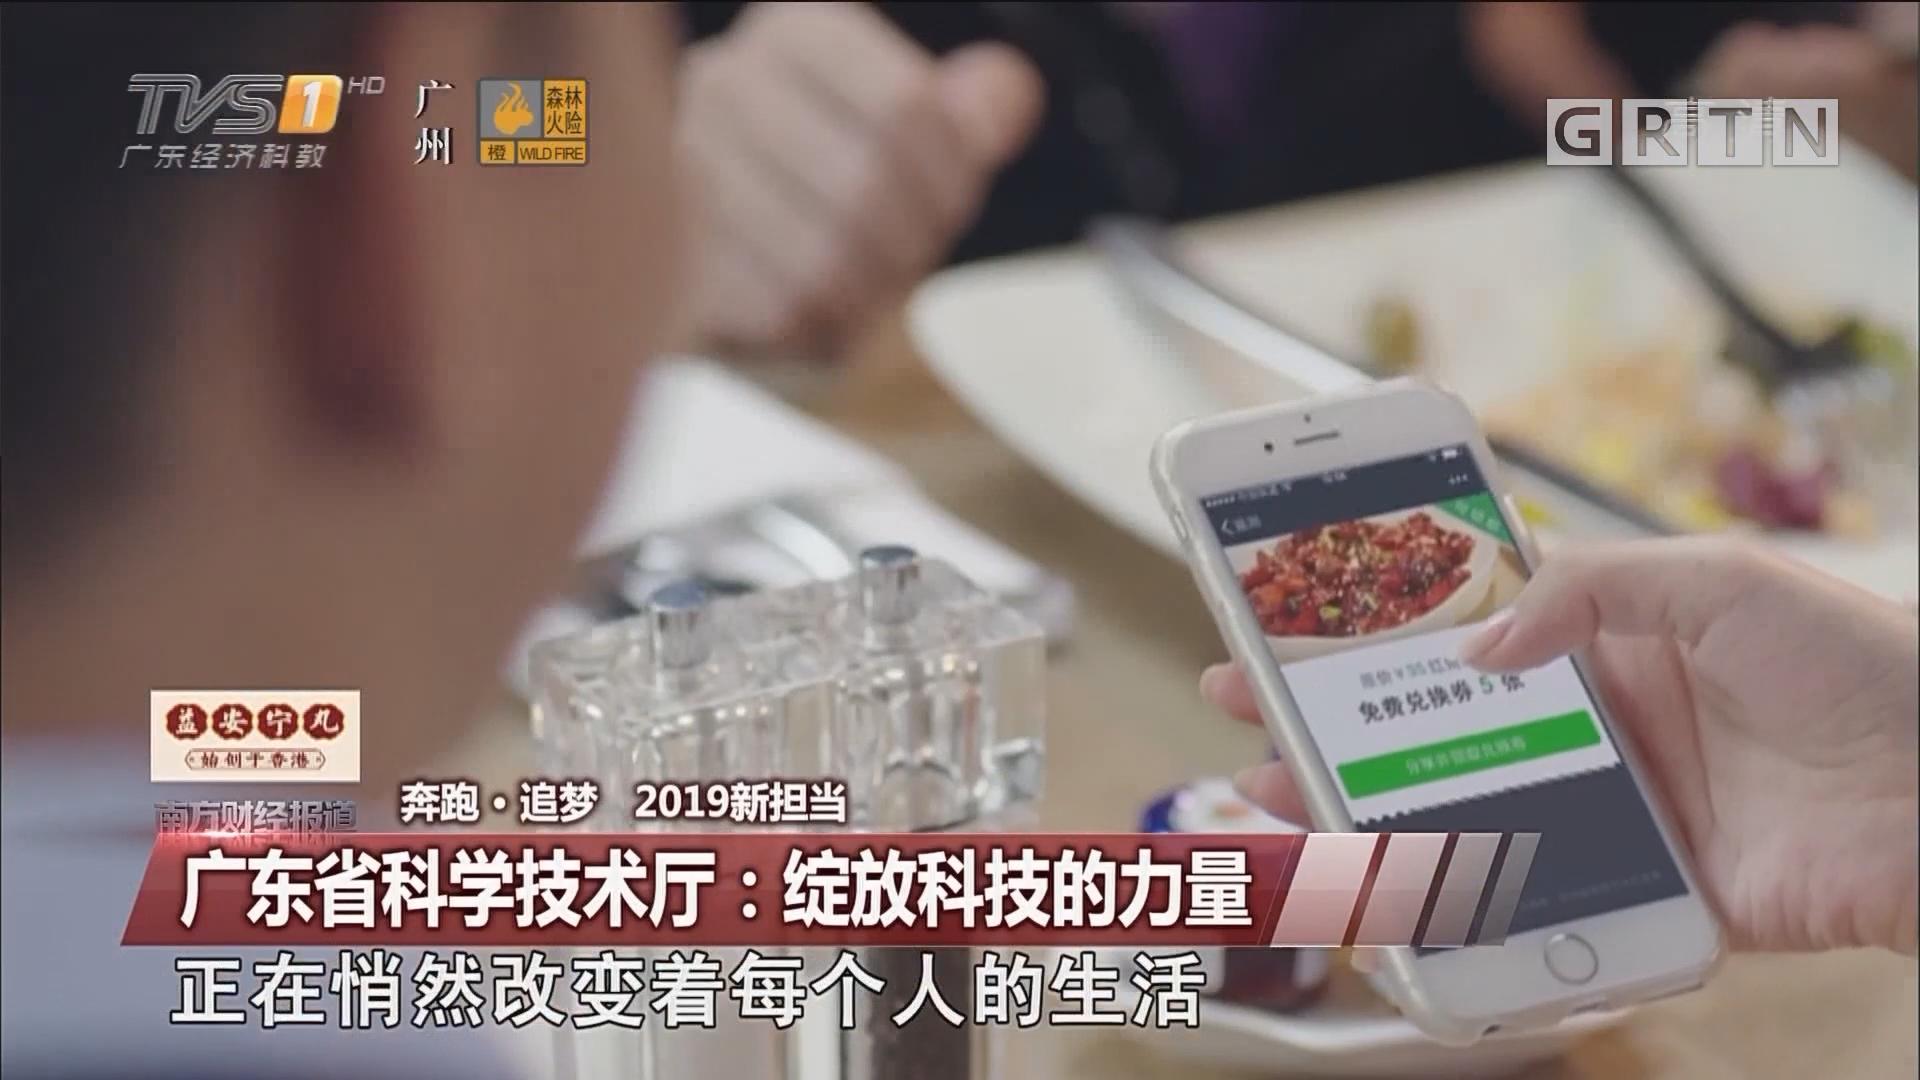 广东省科学技术厅:绽放科技的力量